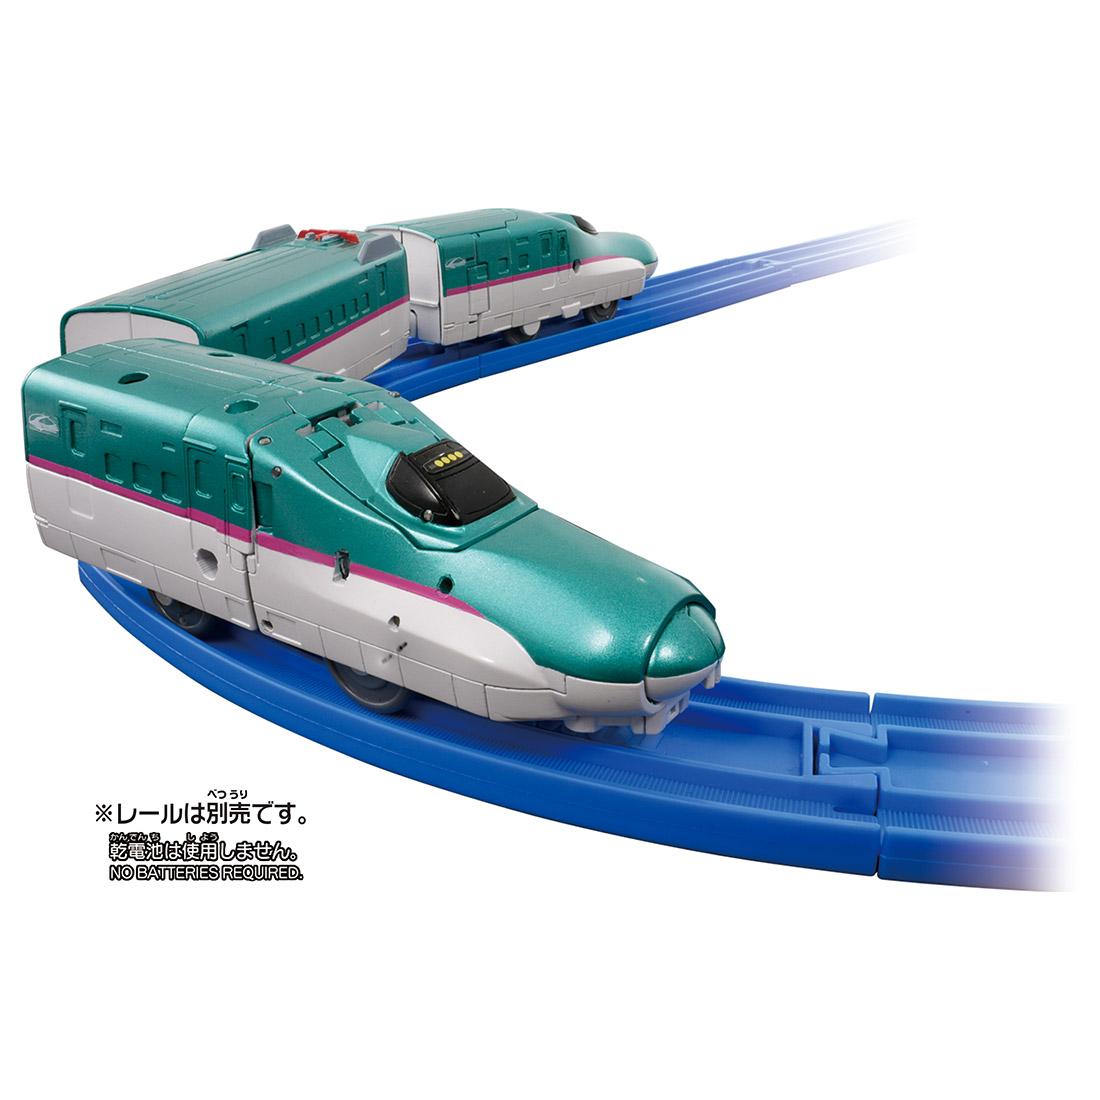 新幹線変形ロボ シンカリオン『DXS シンカリオン E5はやぶさ 可動プラス』可変プラレール-002